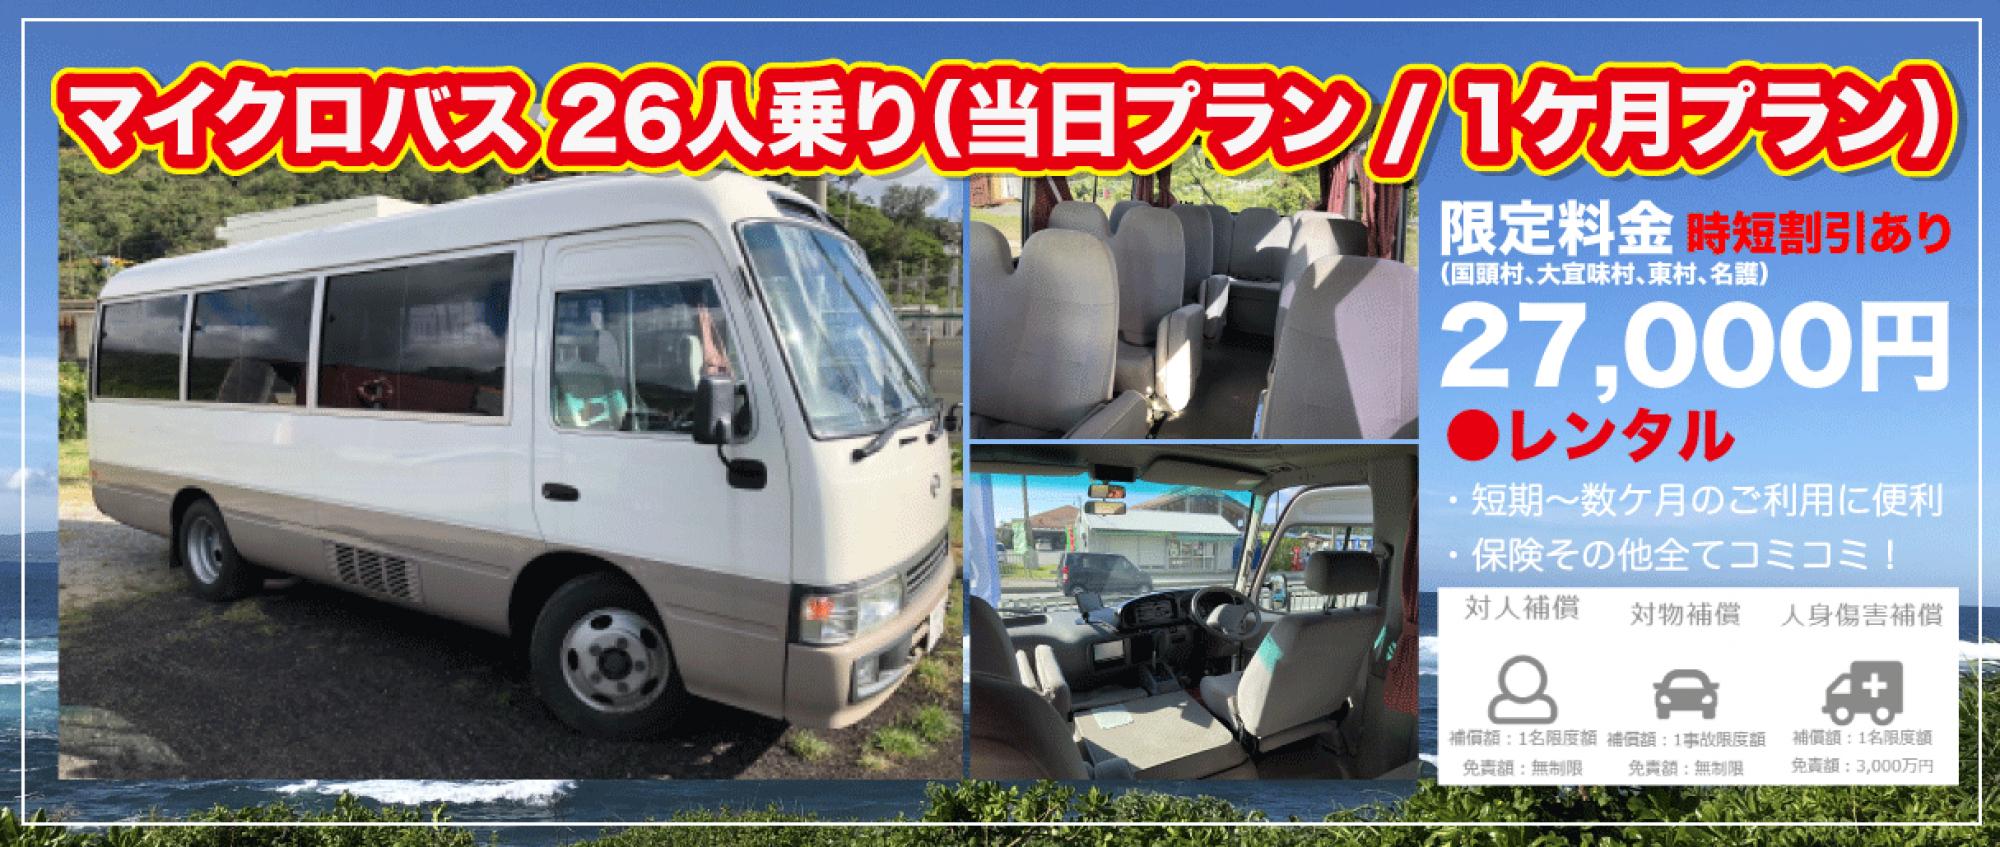 てぃーだレンタカー 国頭村オクマ営業所(マイクロバス)